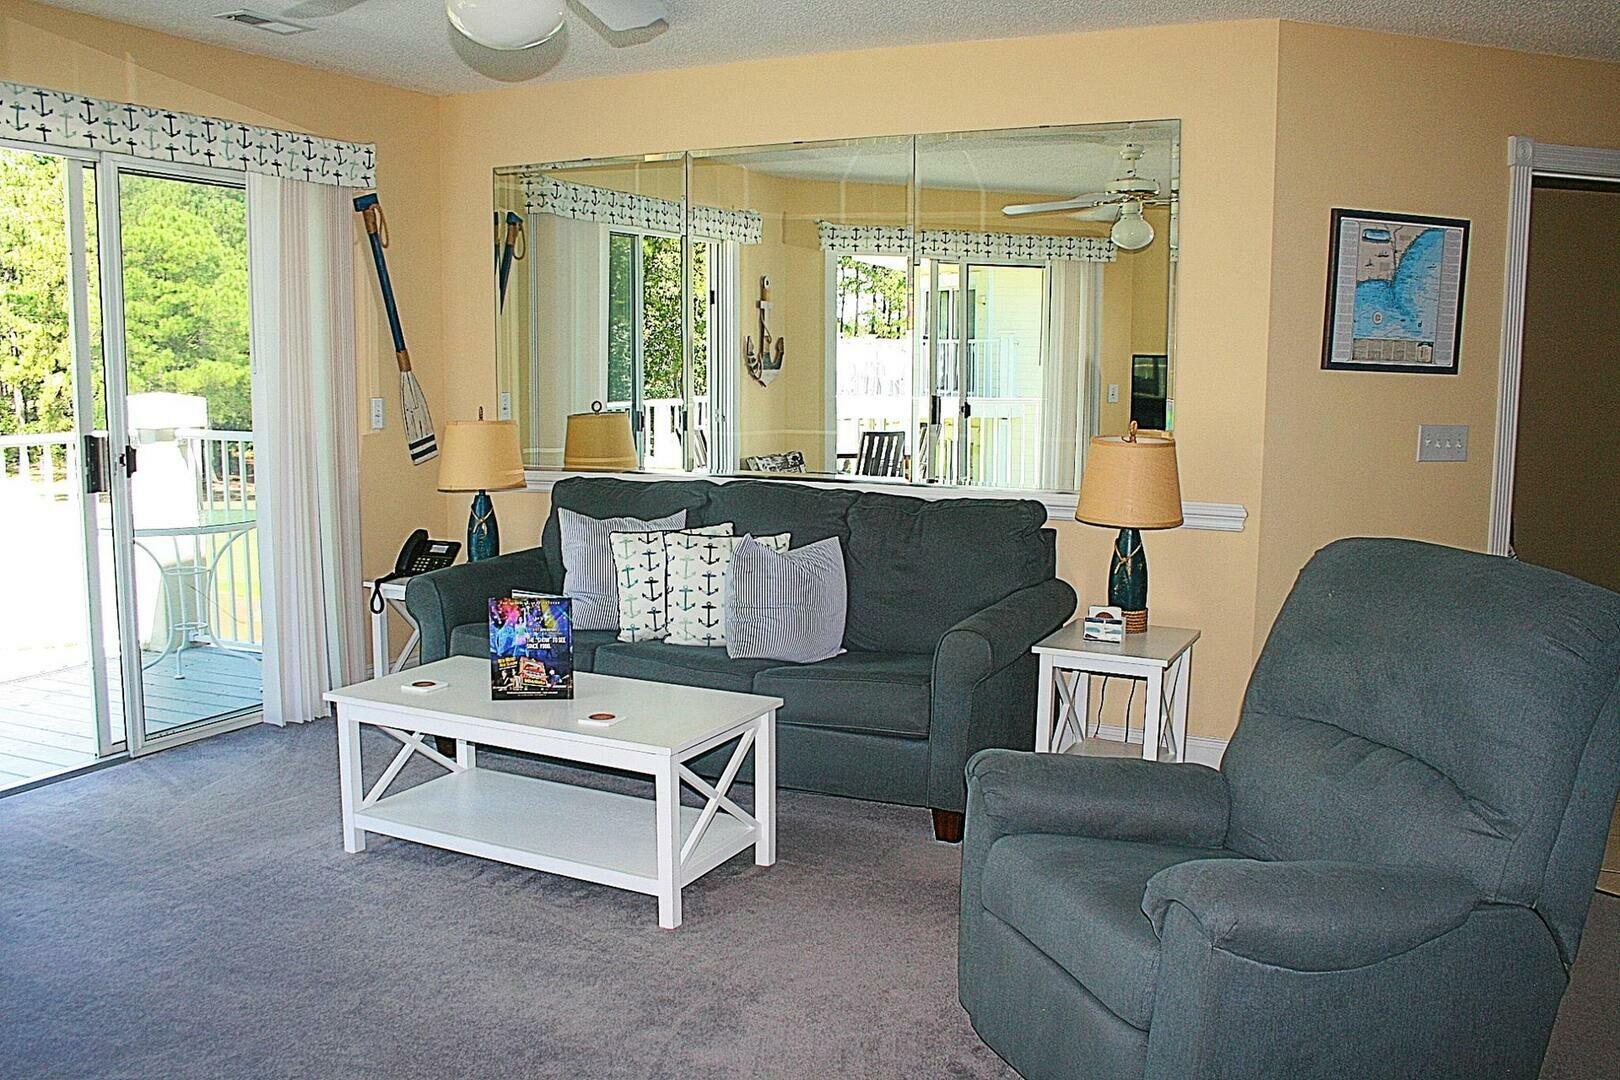 1107 2 Bedroom/2 Bath Villa